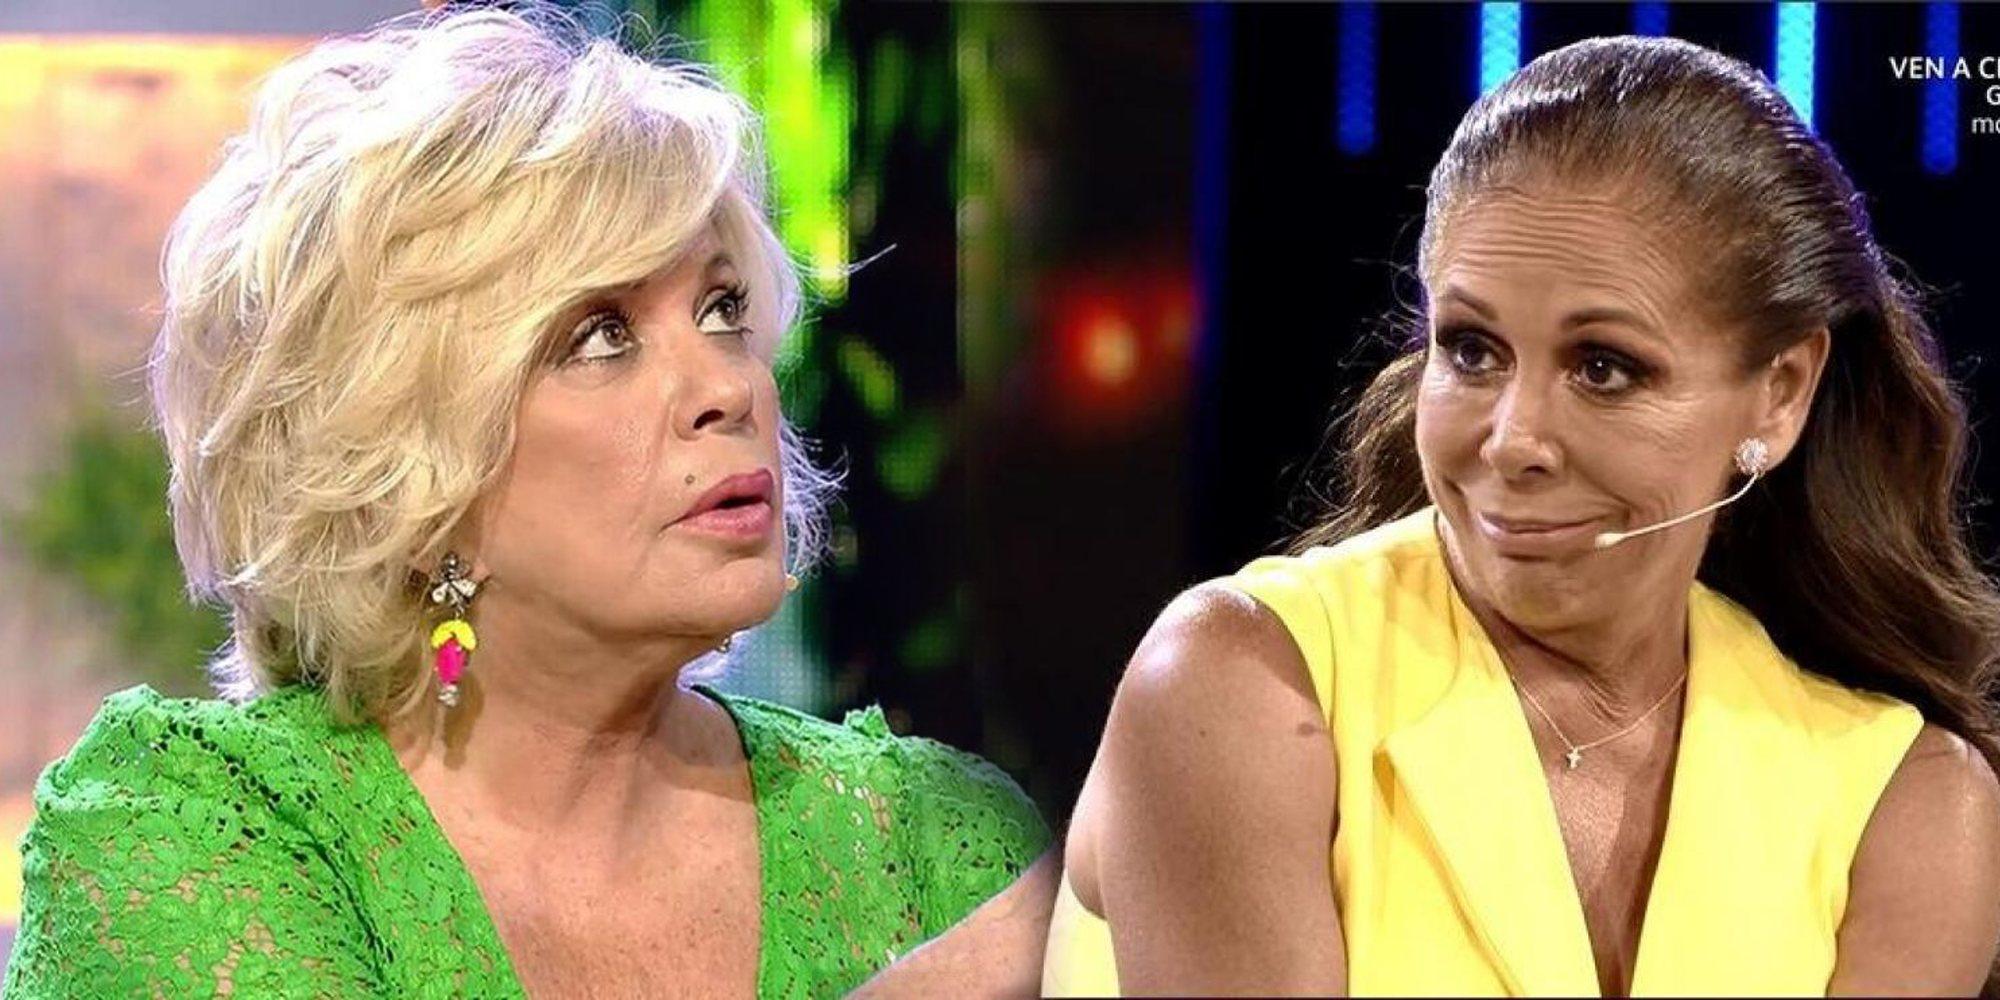 """Bárbara Rey contra Isabel Pantoja: """"Hay personas que rompen matrimonios, con alcalduchos y el pelo grasiento"""""""